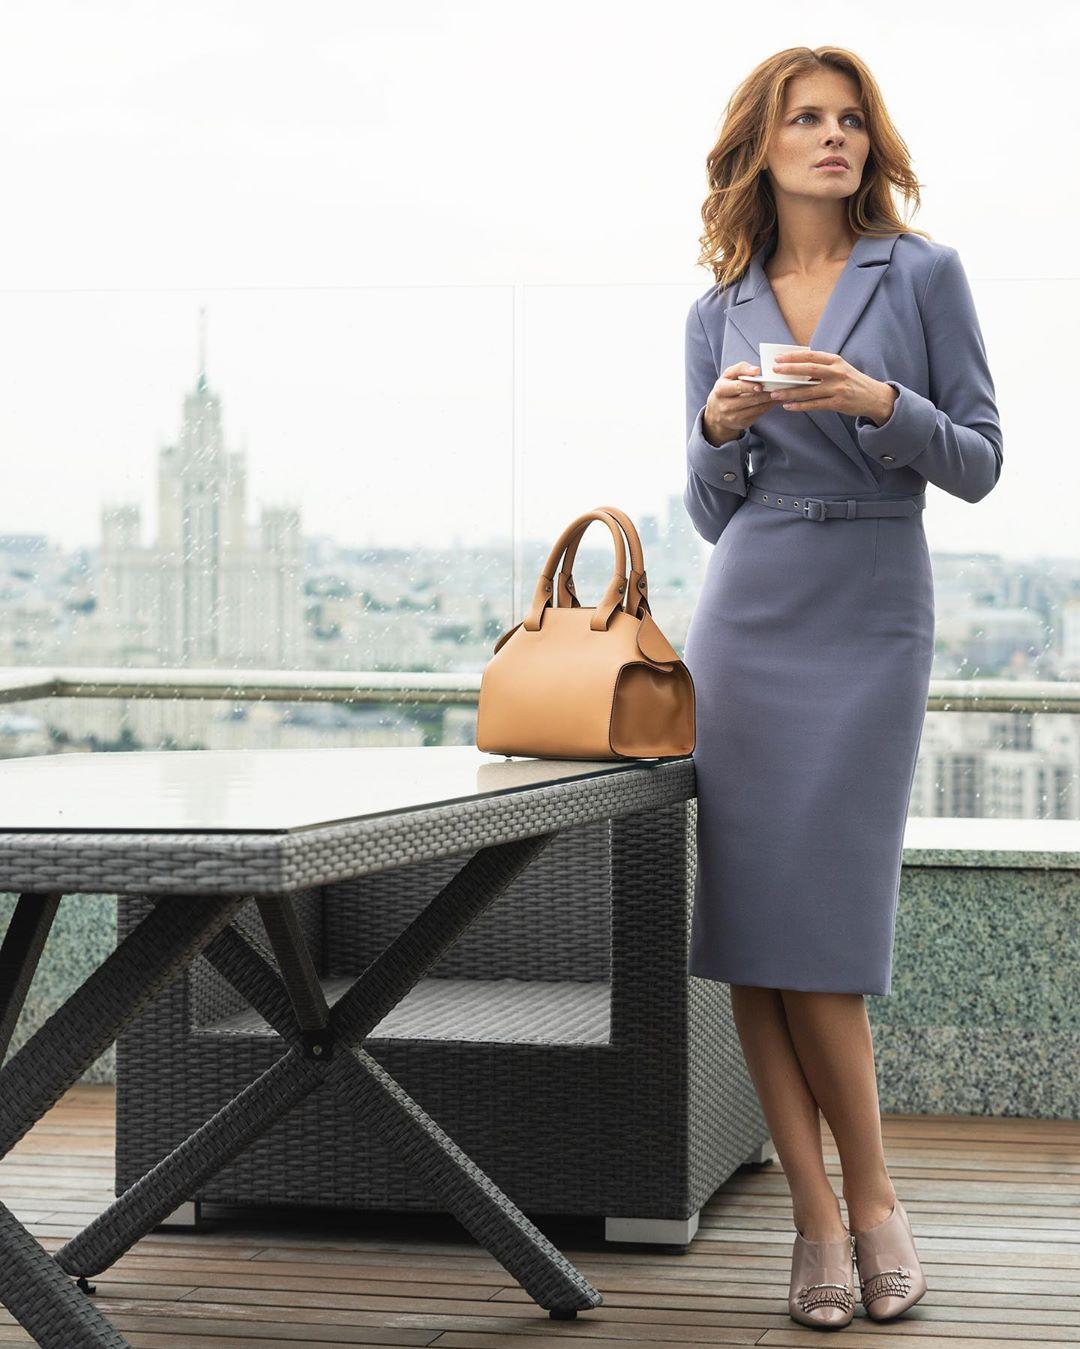 модные образы для бизнес-леди осень 2019 фото 9